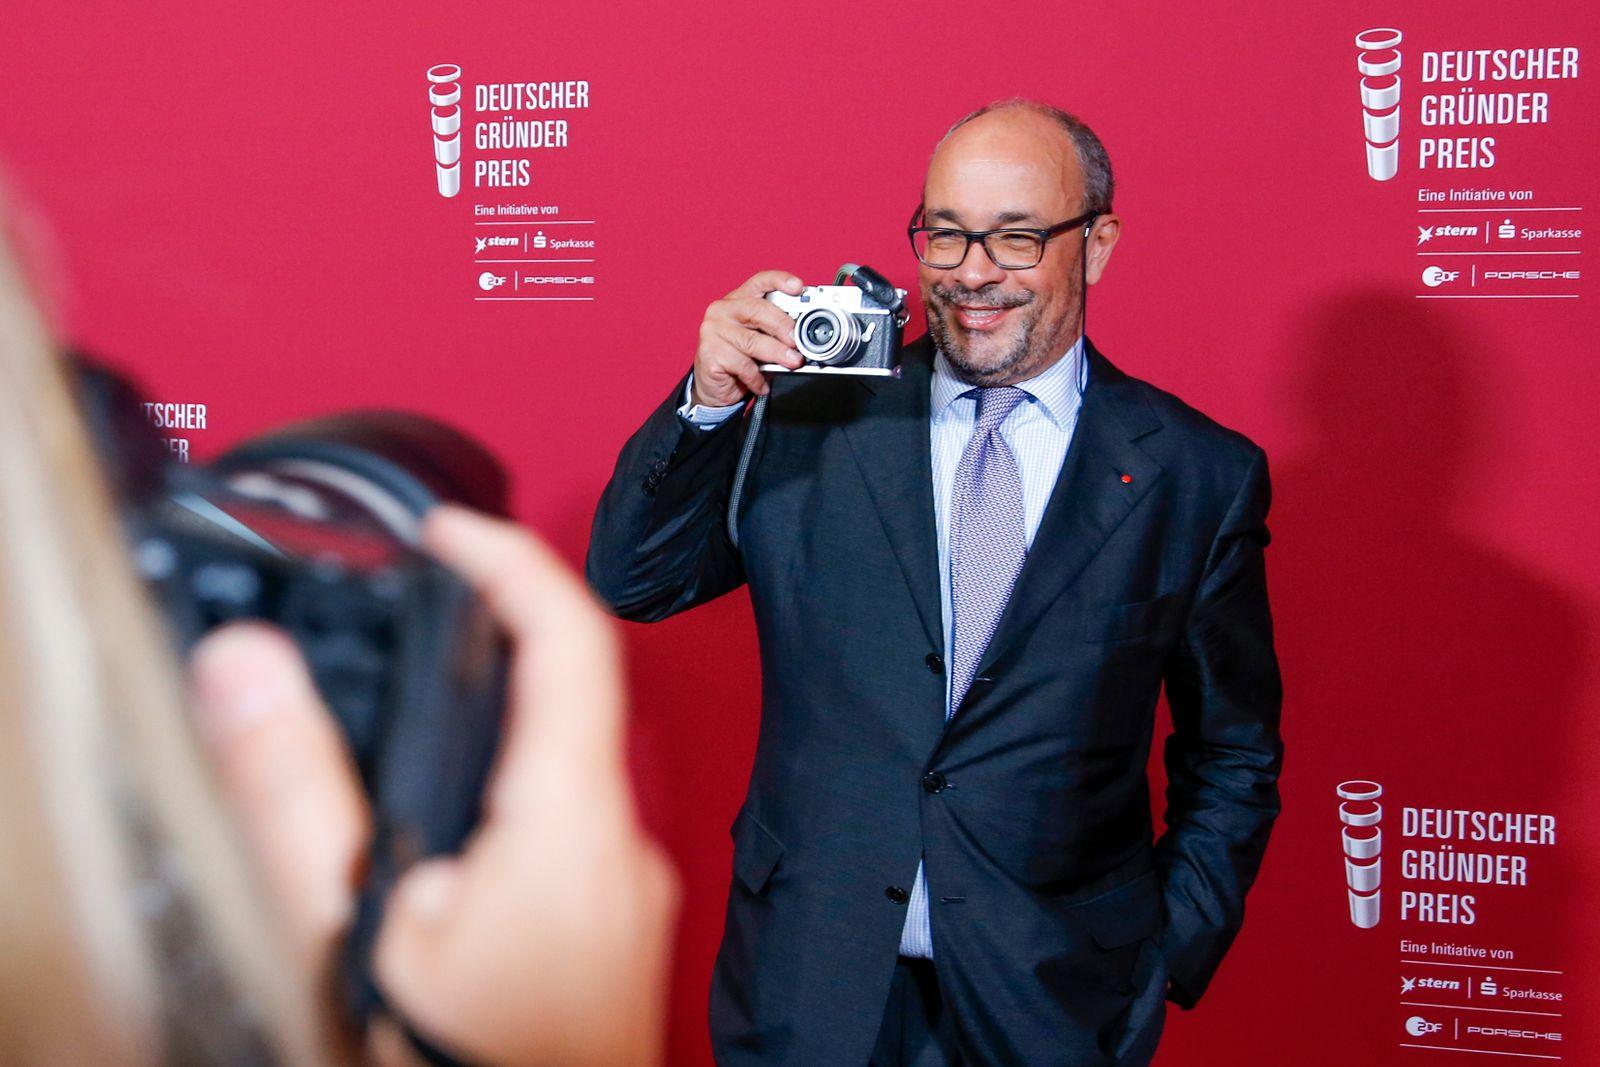 Deutscher Gruenderpreis 2017 In Berlin